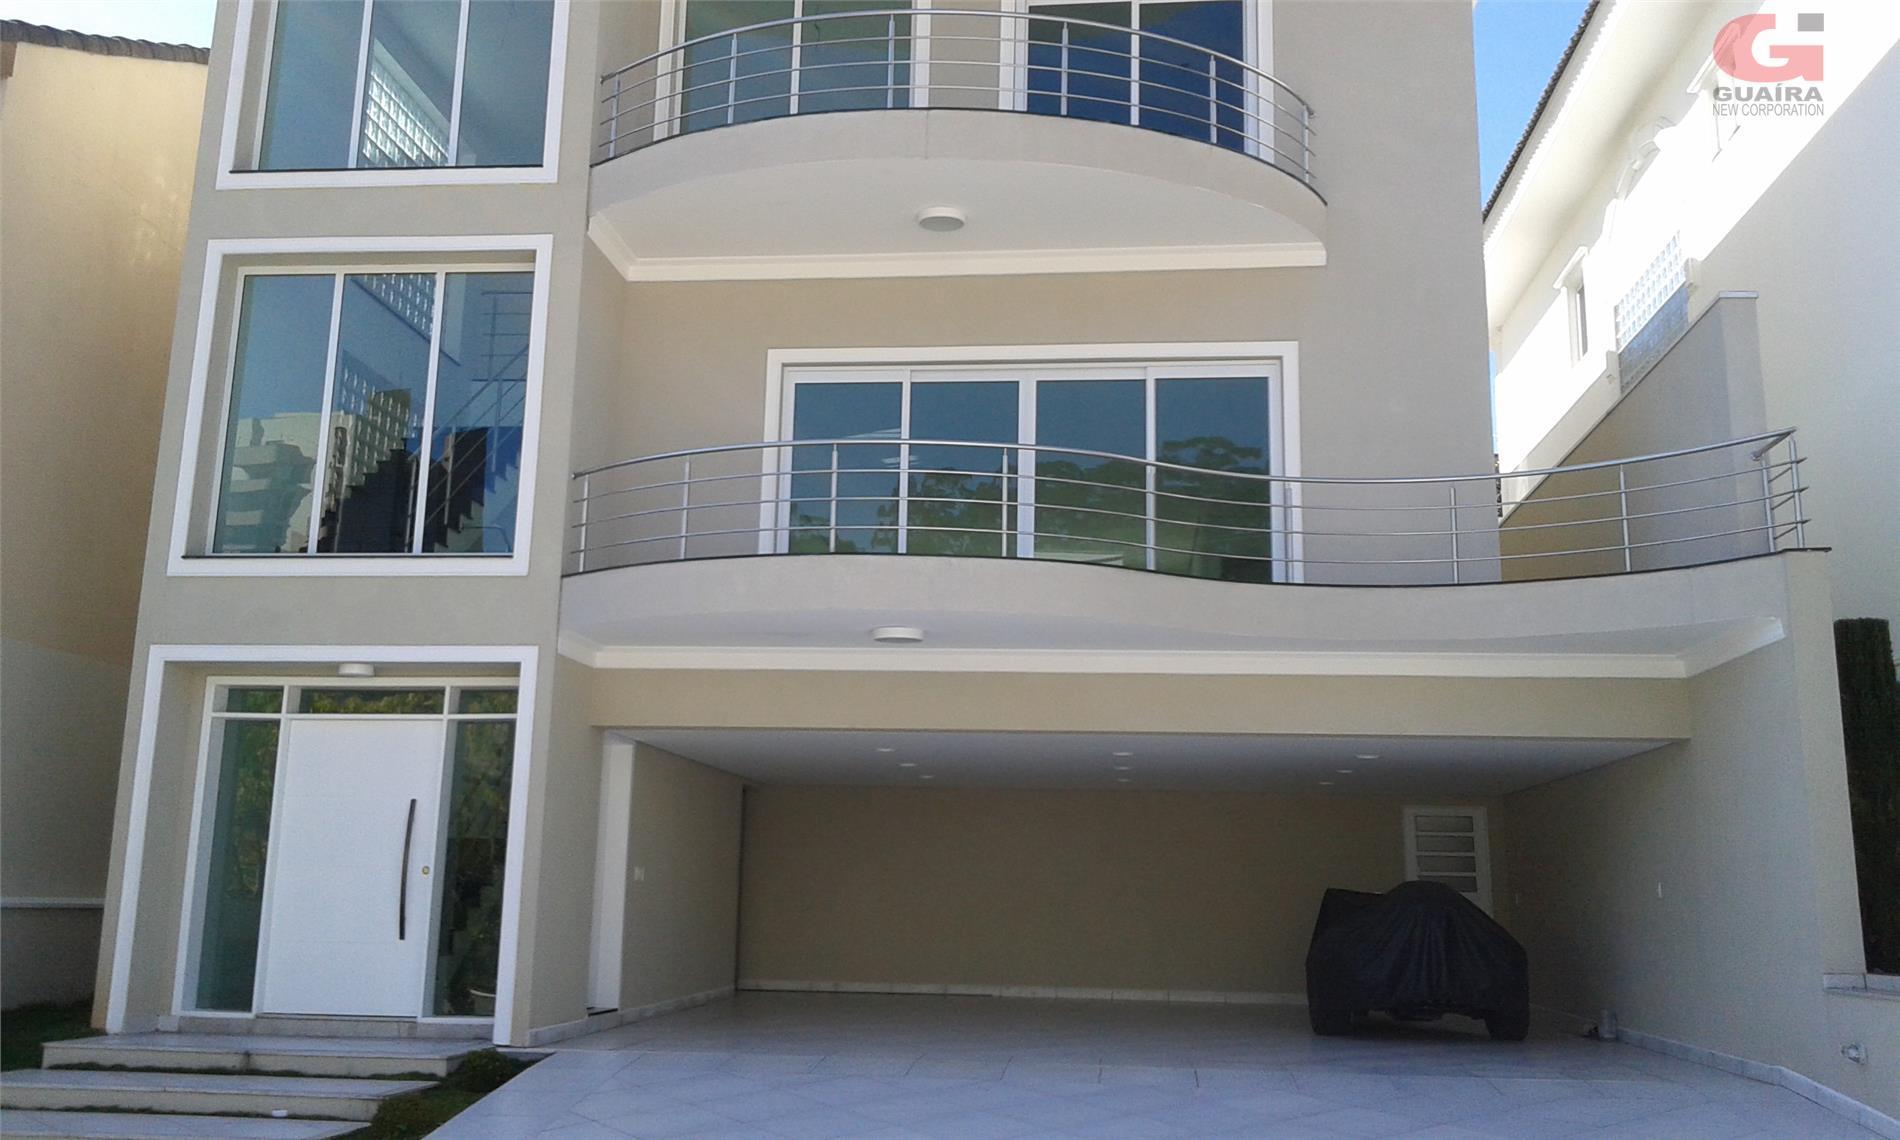 Sobrado de 4 dormitórios à venda em Jardim Hollywood, São Bernardo Do Campo - SP